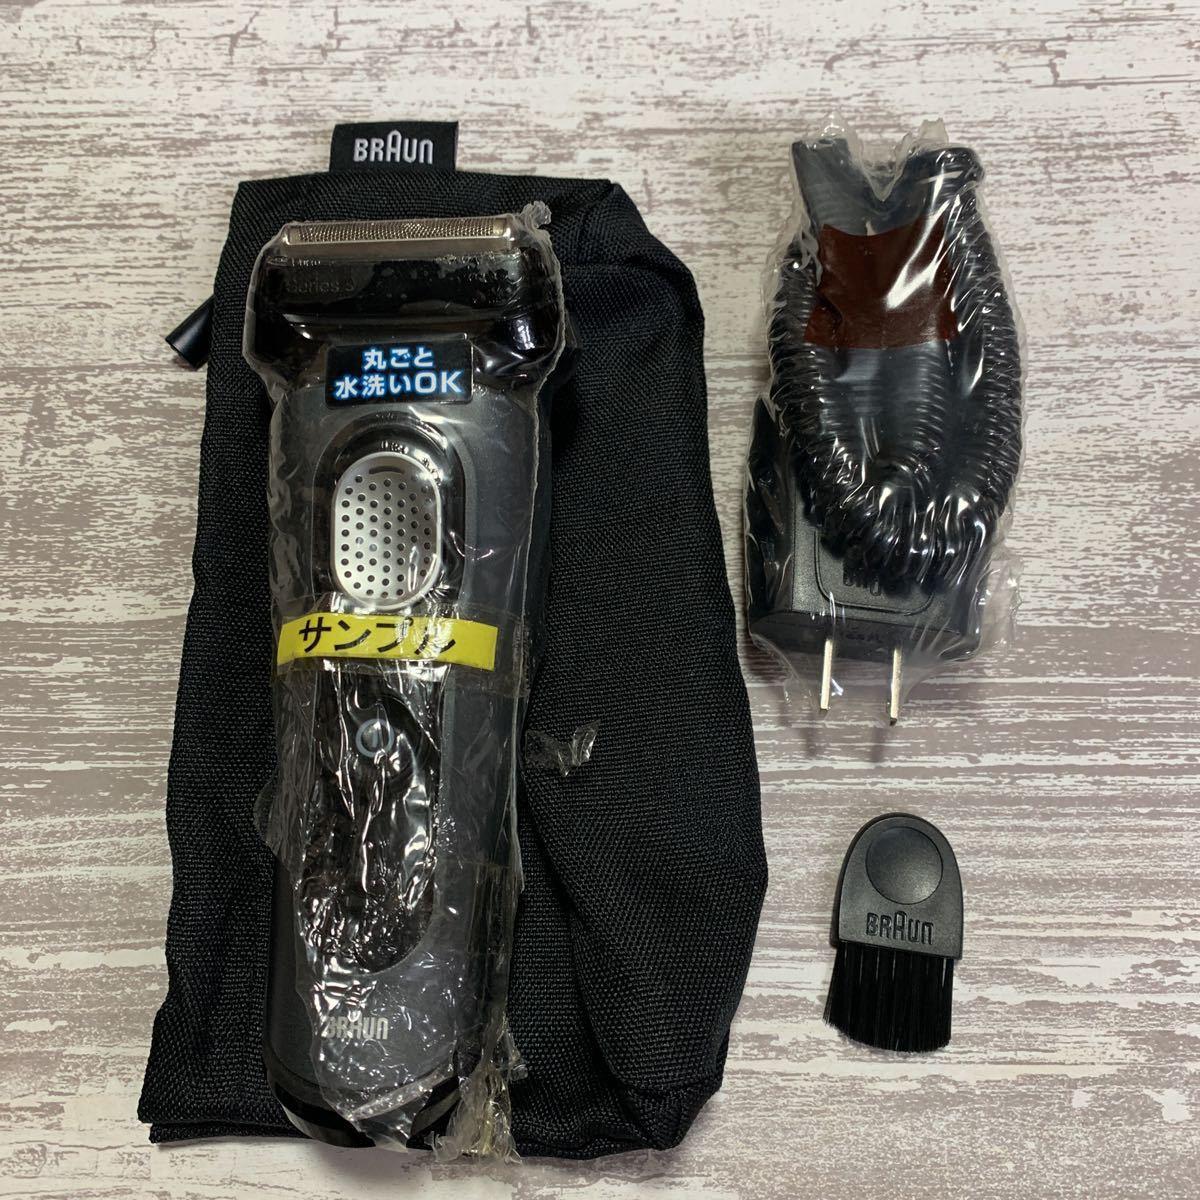 未使用品? 美品 BRAUN Series9 9030s シェーバー メンズシェーバー 充電式 電気シェーバー シリーズ9 wet+dry ポーチ付き